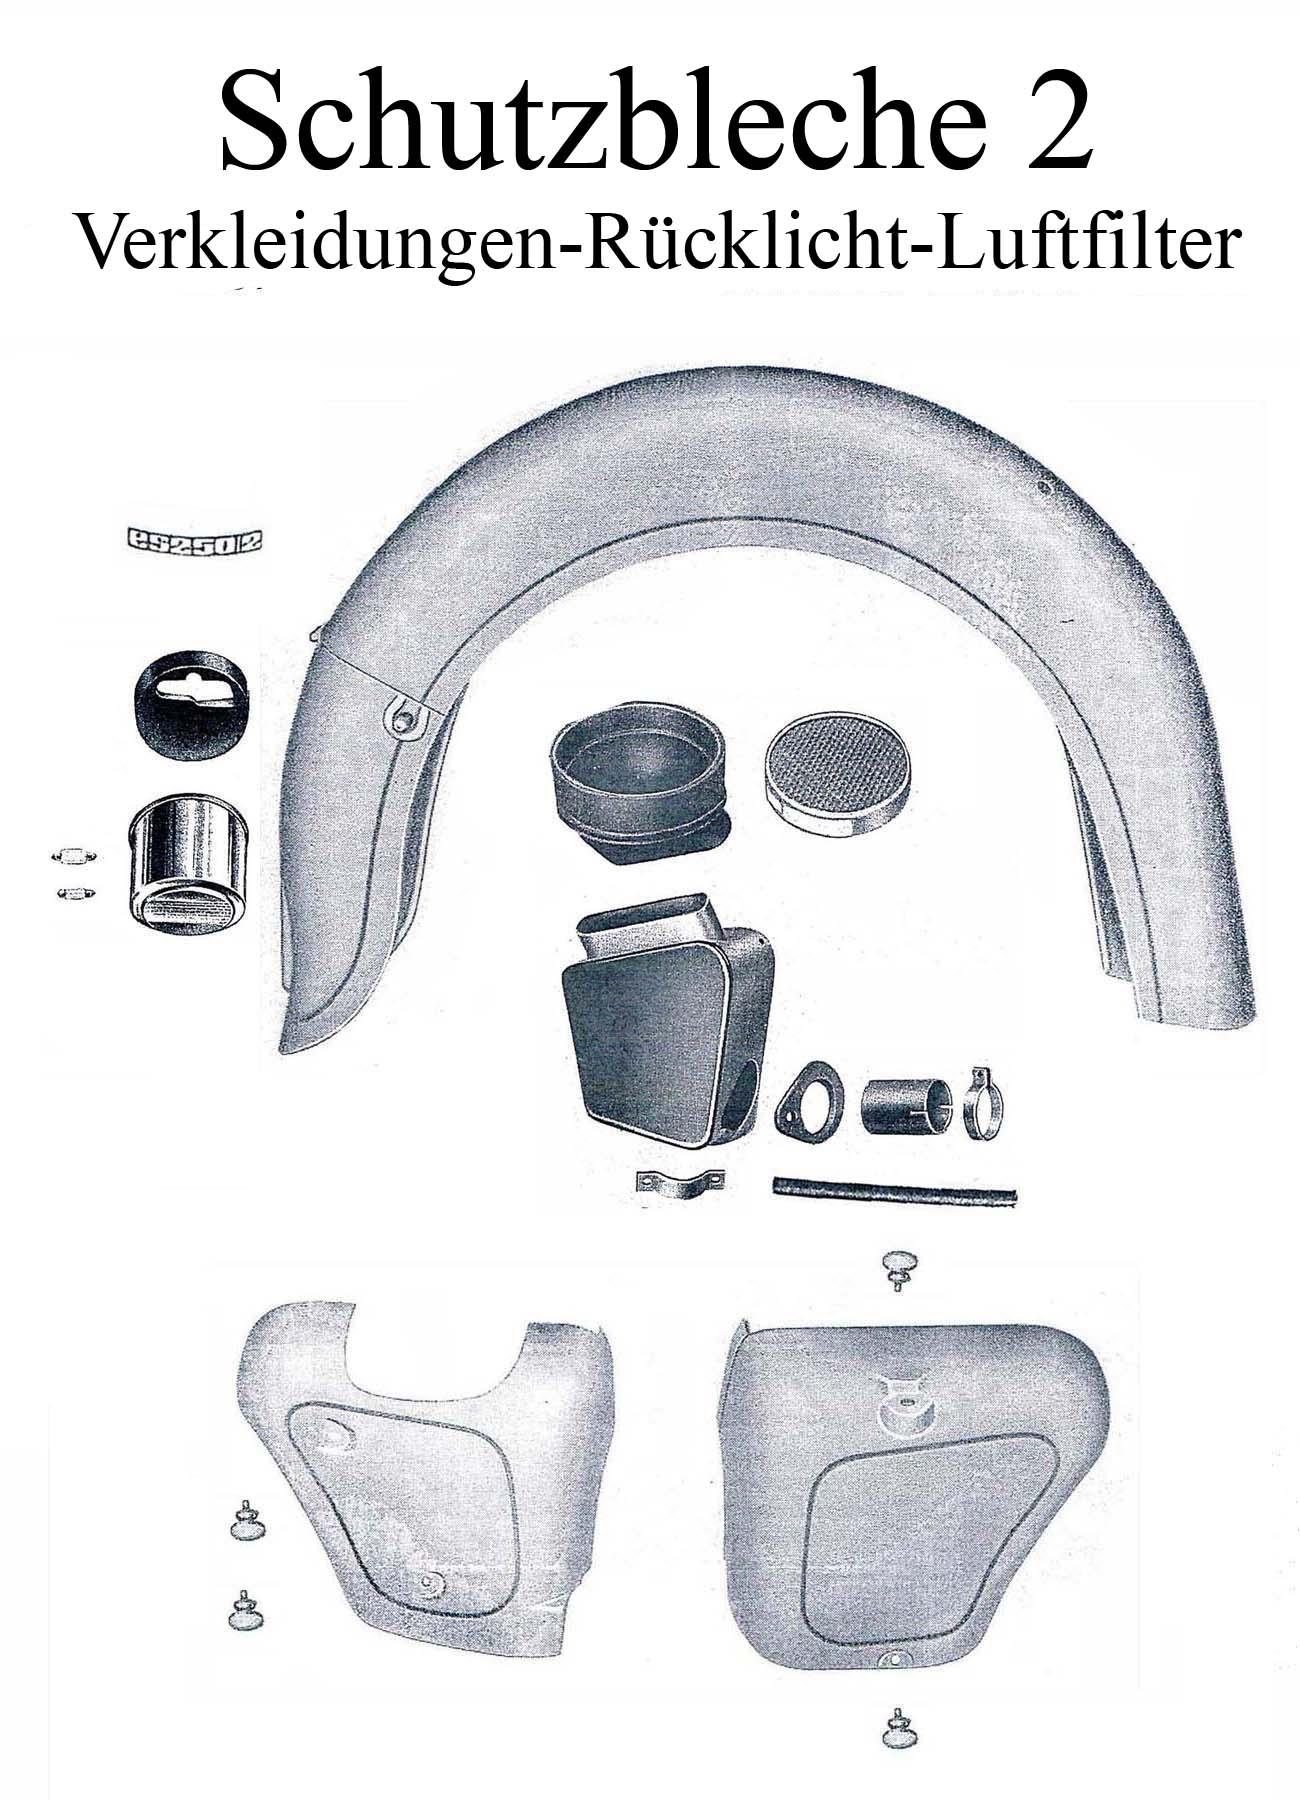 DDR-Motorrad MZ ES 175-250/0-1 Ersatzteileliste Schutzblech Kotflügel Typabzeichen Rändelschraube Verkleidung Rücklichtgummi Luftfilter Ansaugrohr